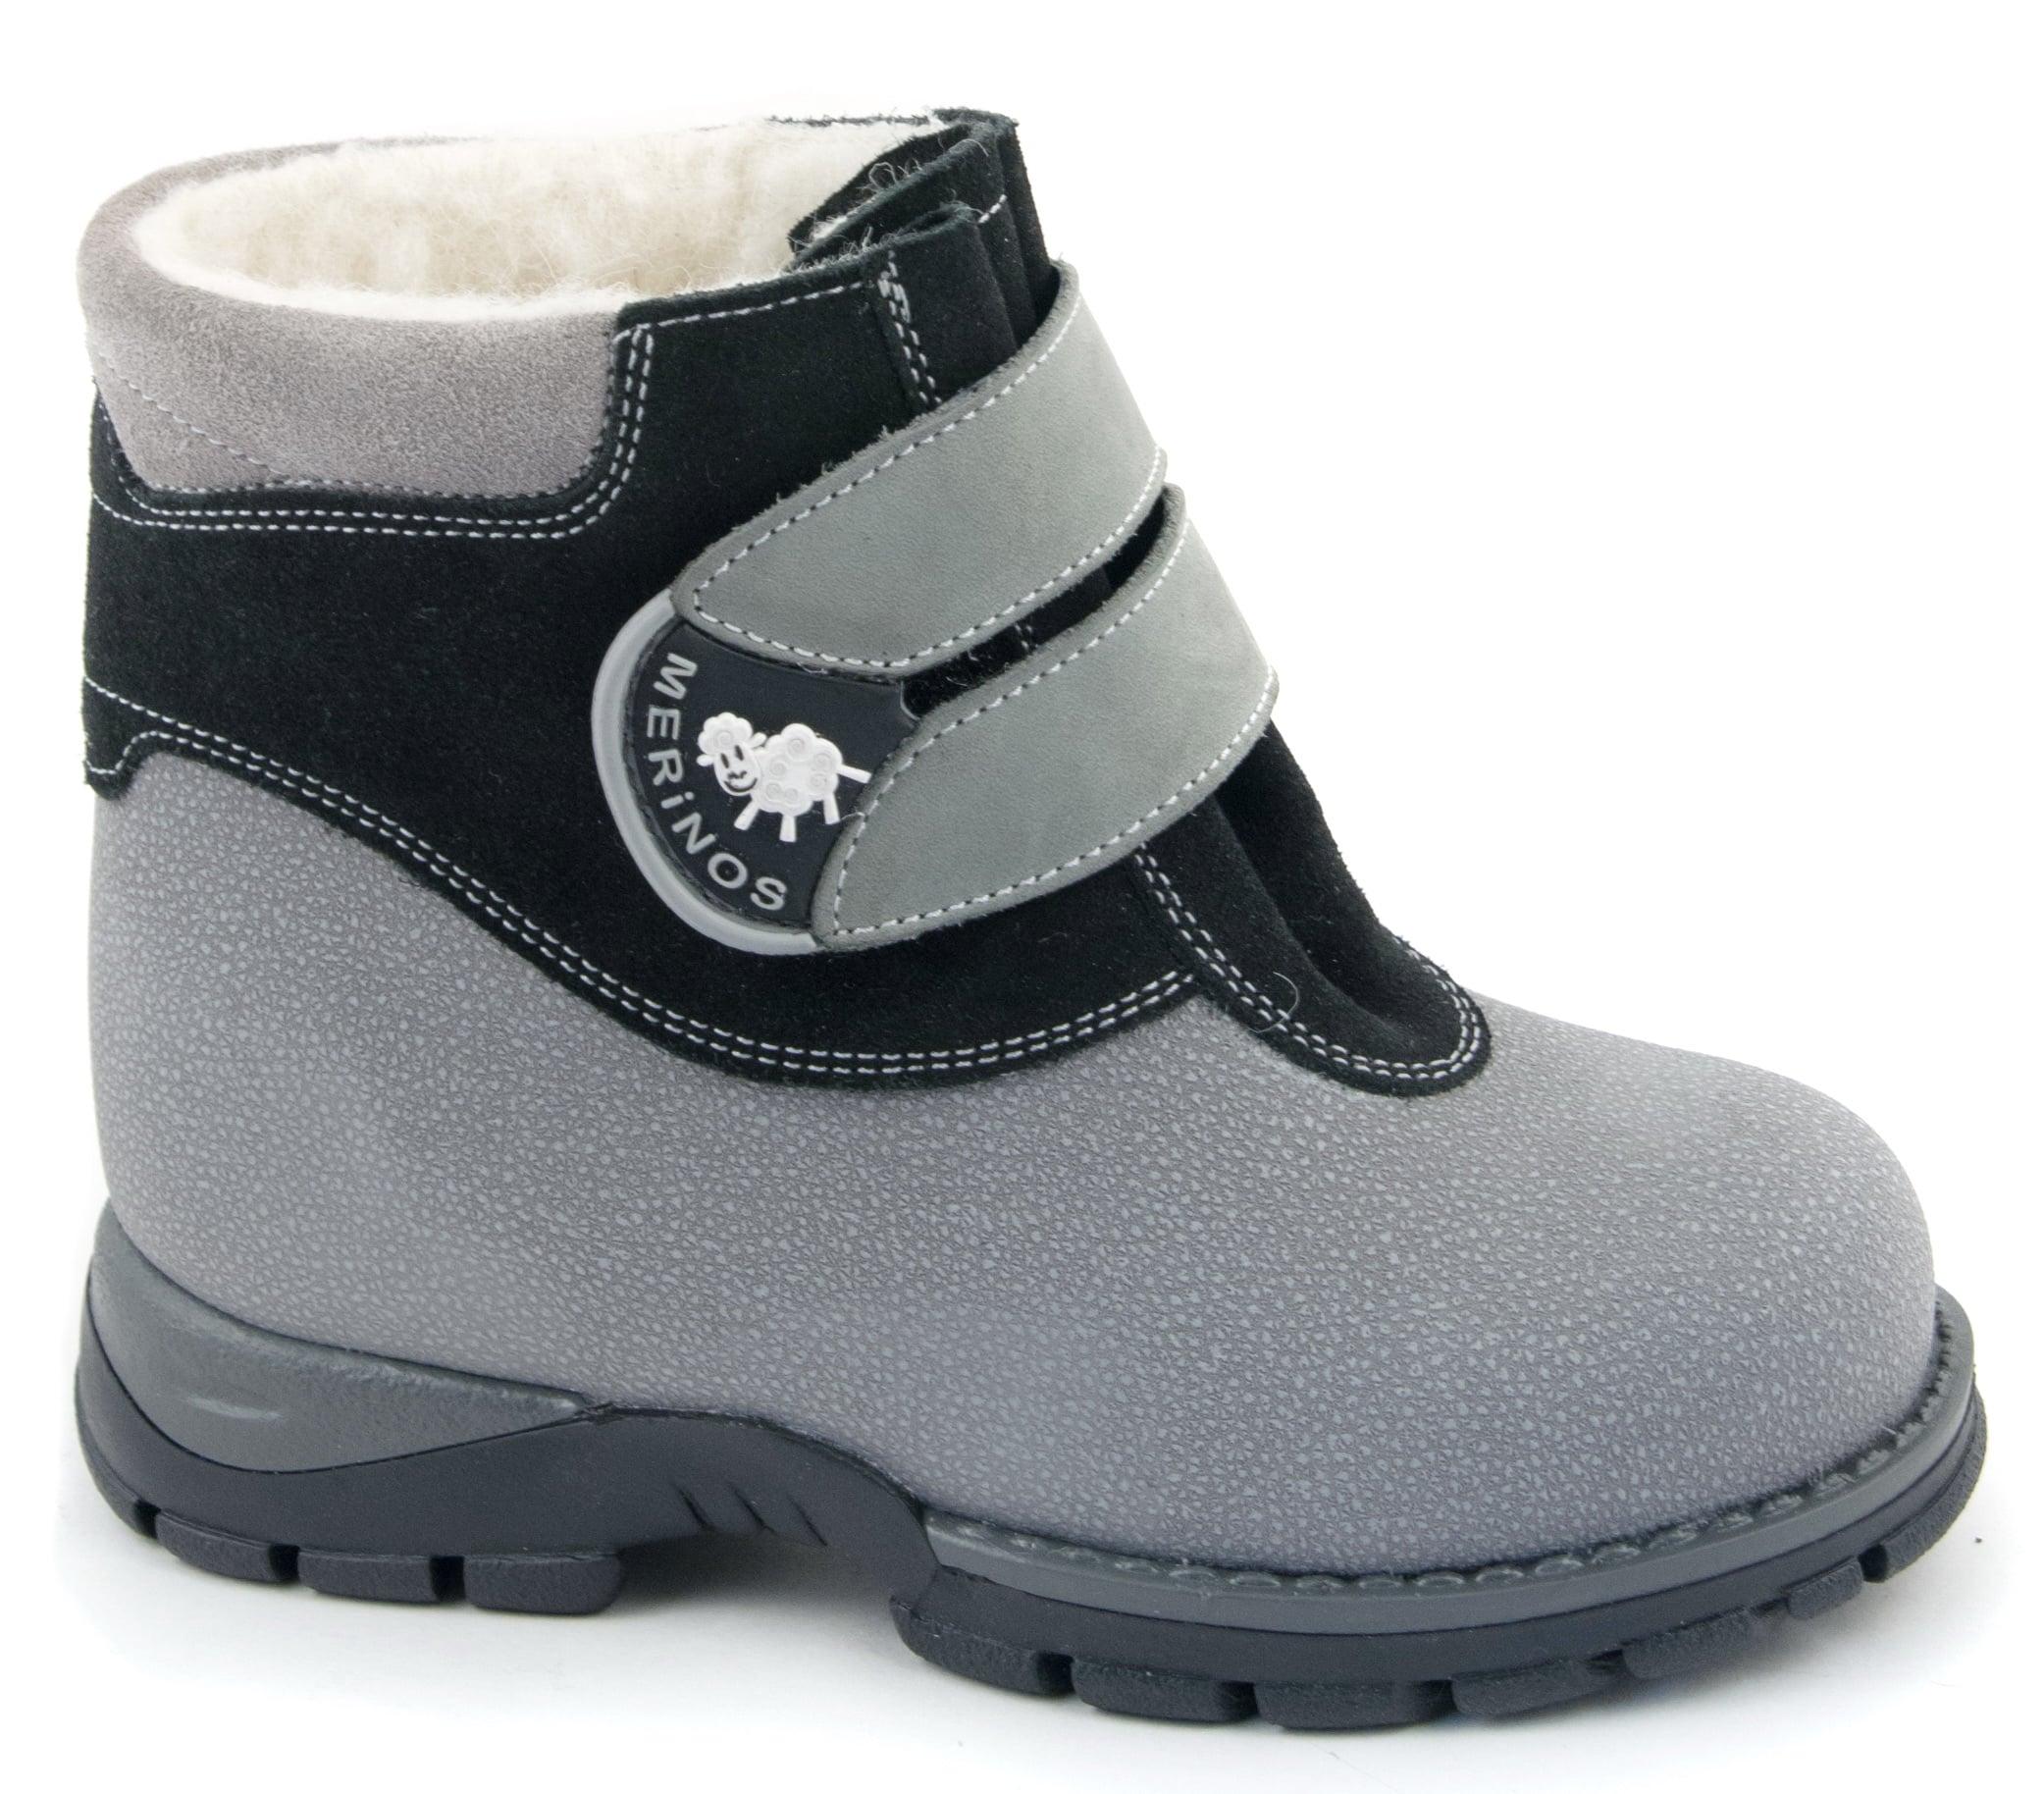 a20df2037a154 «Скороход» — детская обувь в каталоге интернет-магазина «100 сапог», купить  ортопедическую обувь для детей «Скороход» по выгодной цене в СПб